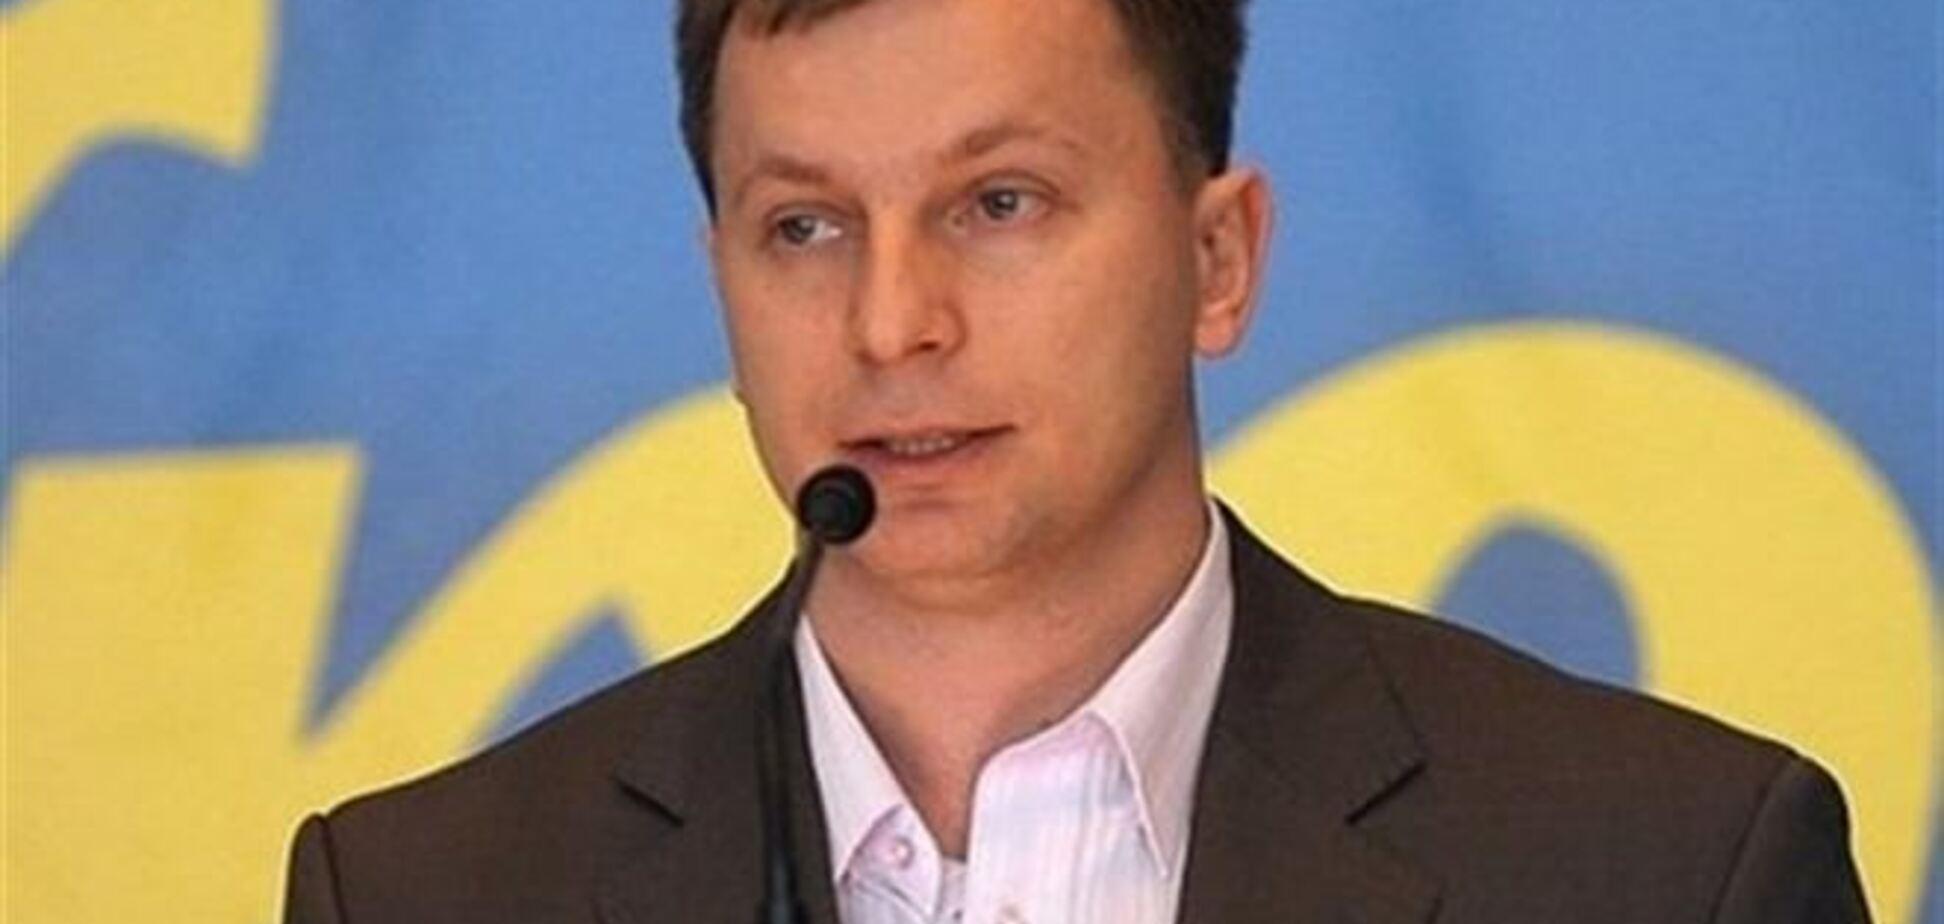 'Війна' з Росією - шанс для переобрання Януковича